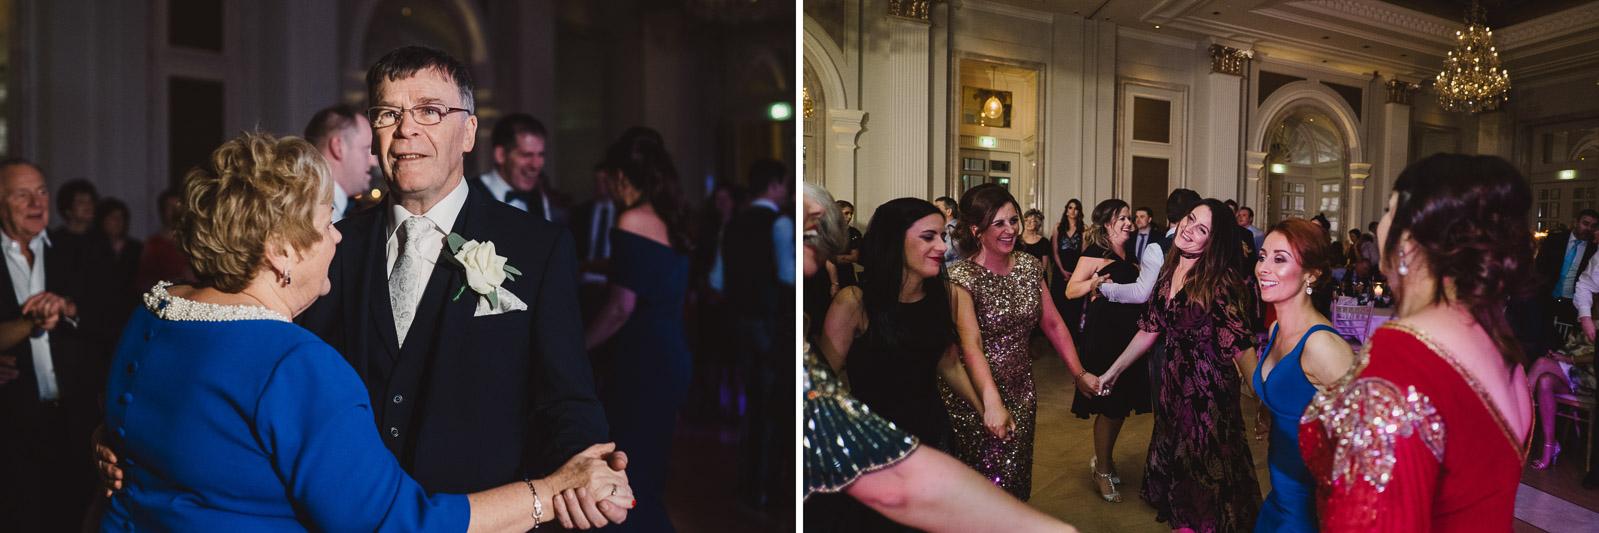 Adare_Manor_Wedding_Photos-6